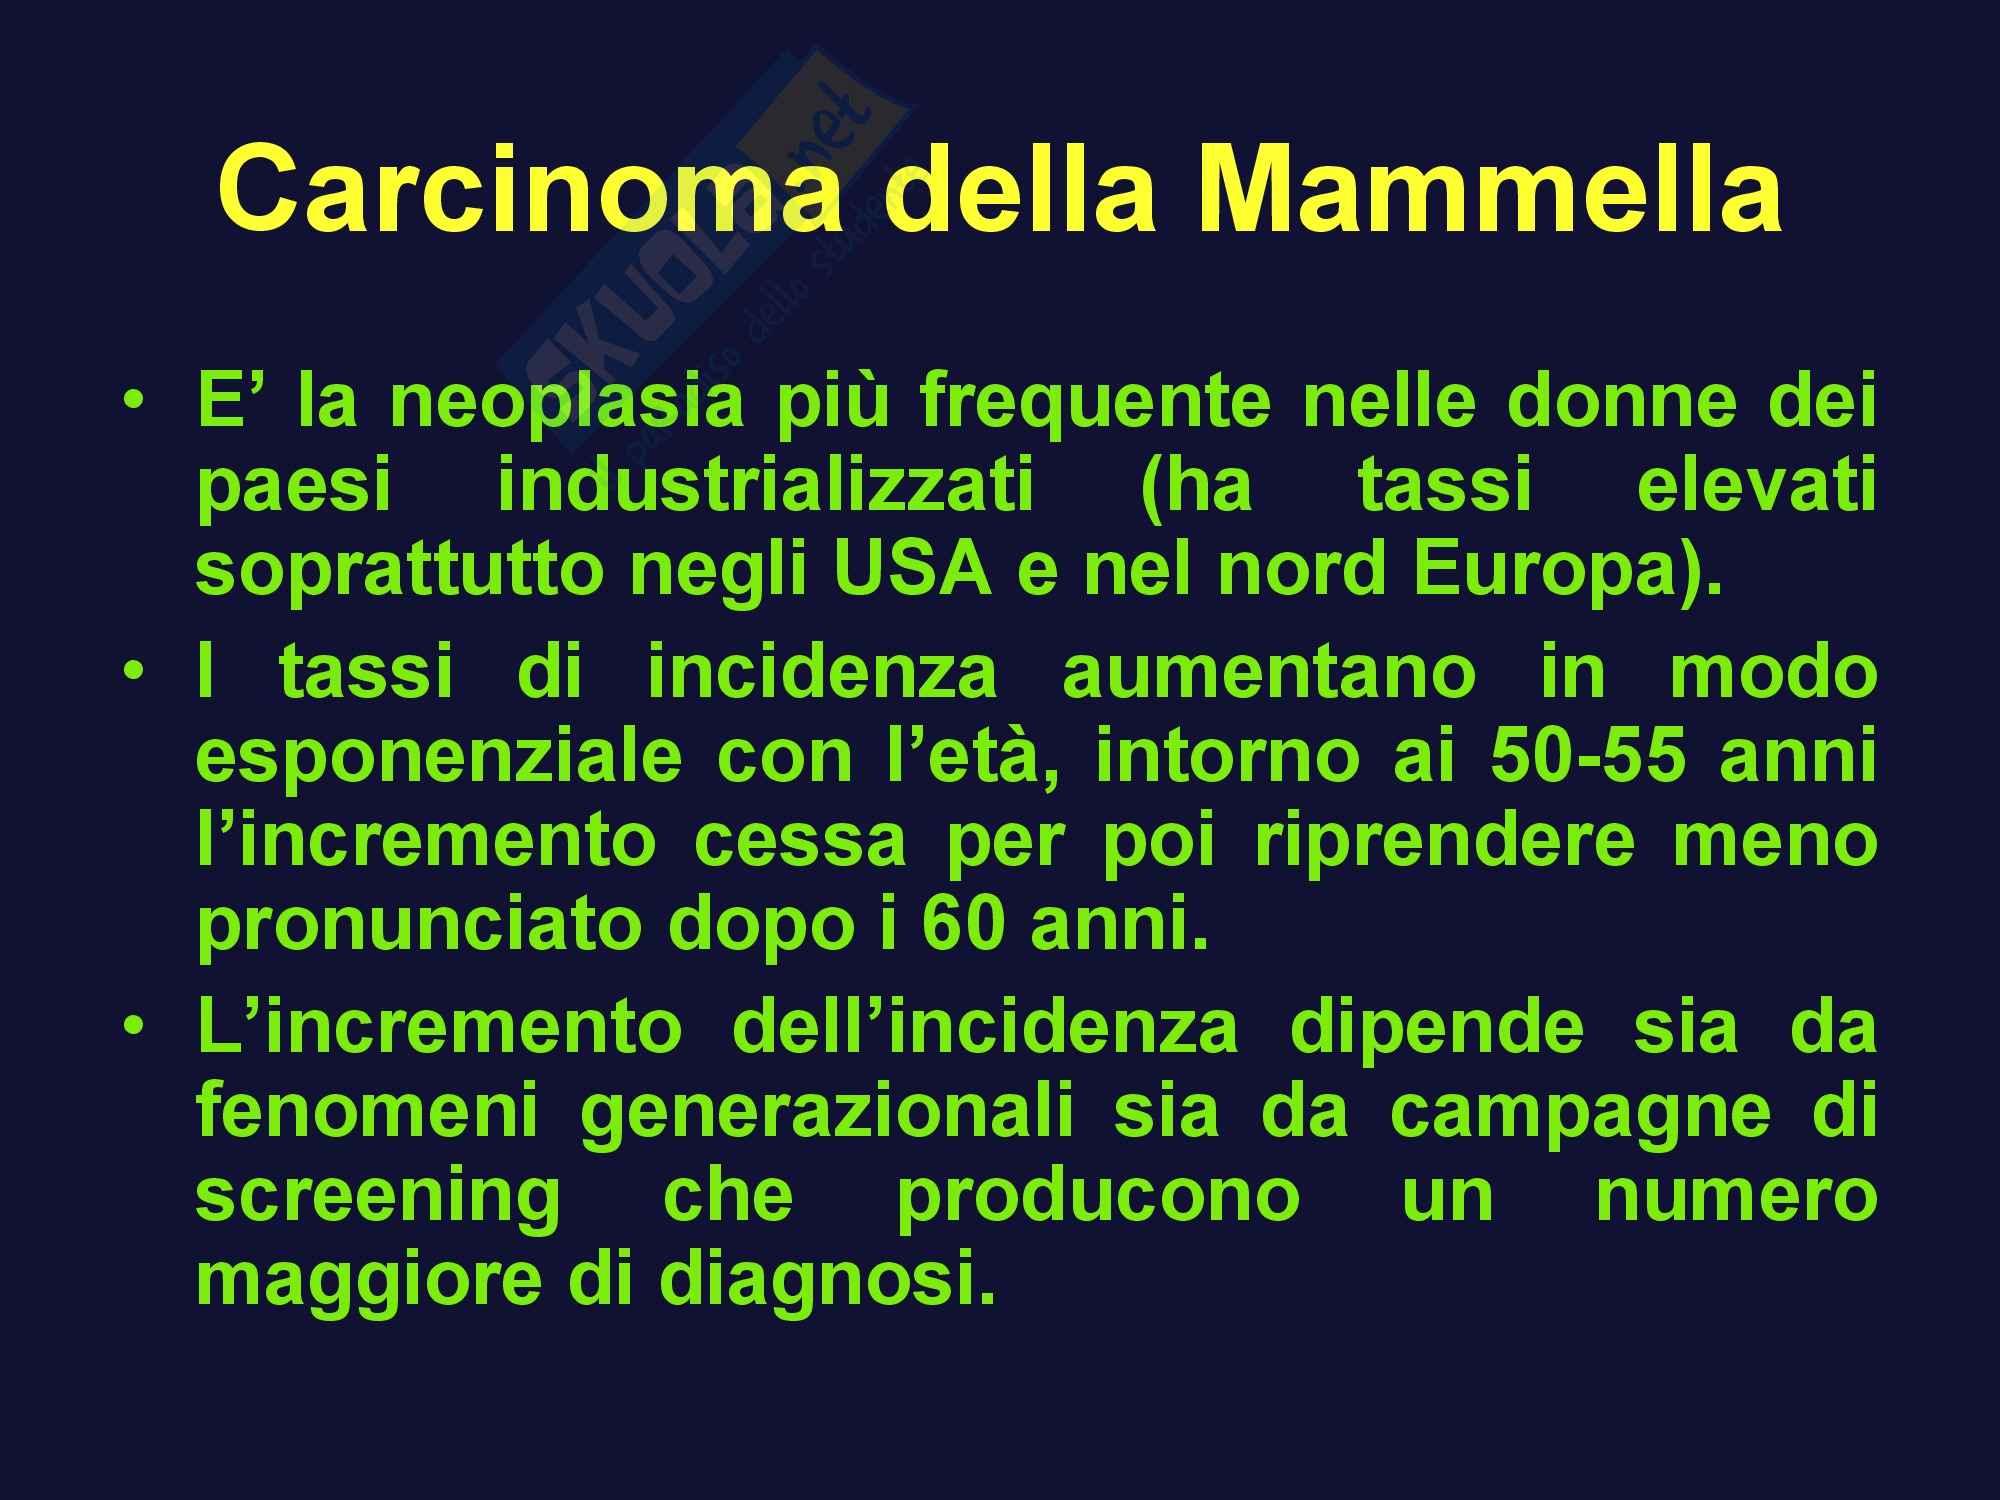 Oncologia medica - carcinoma della mammella